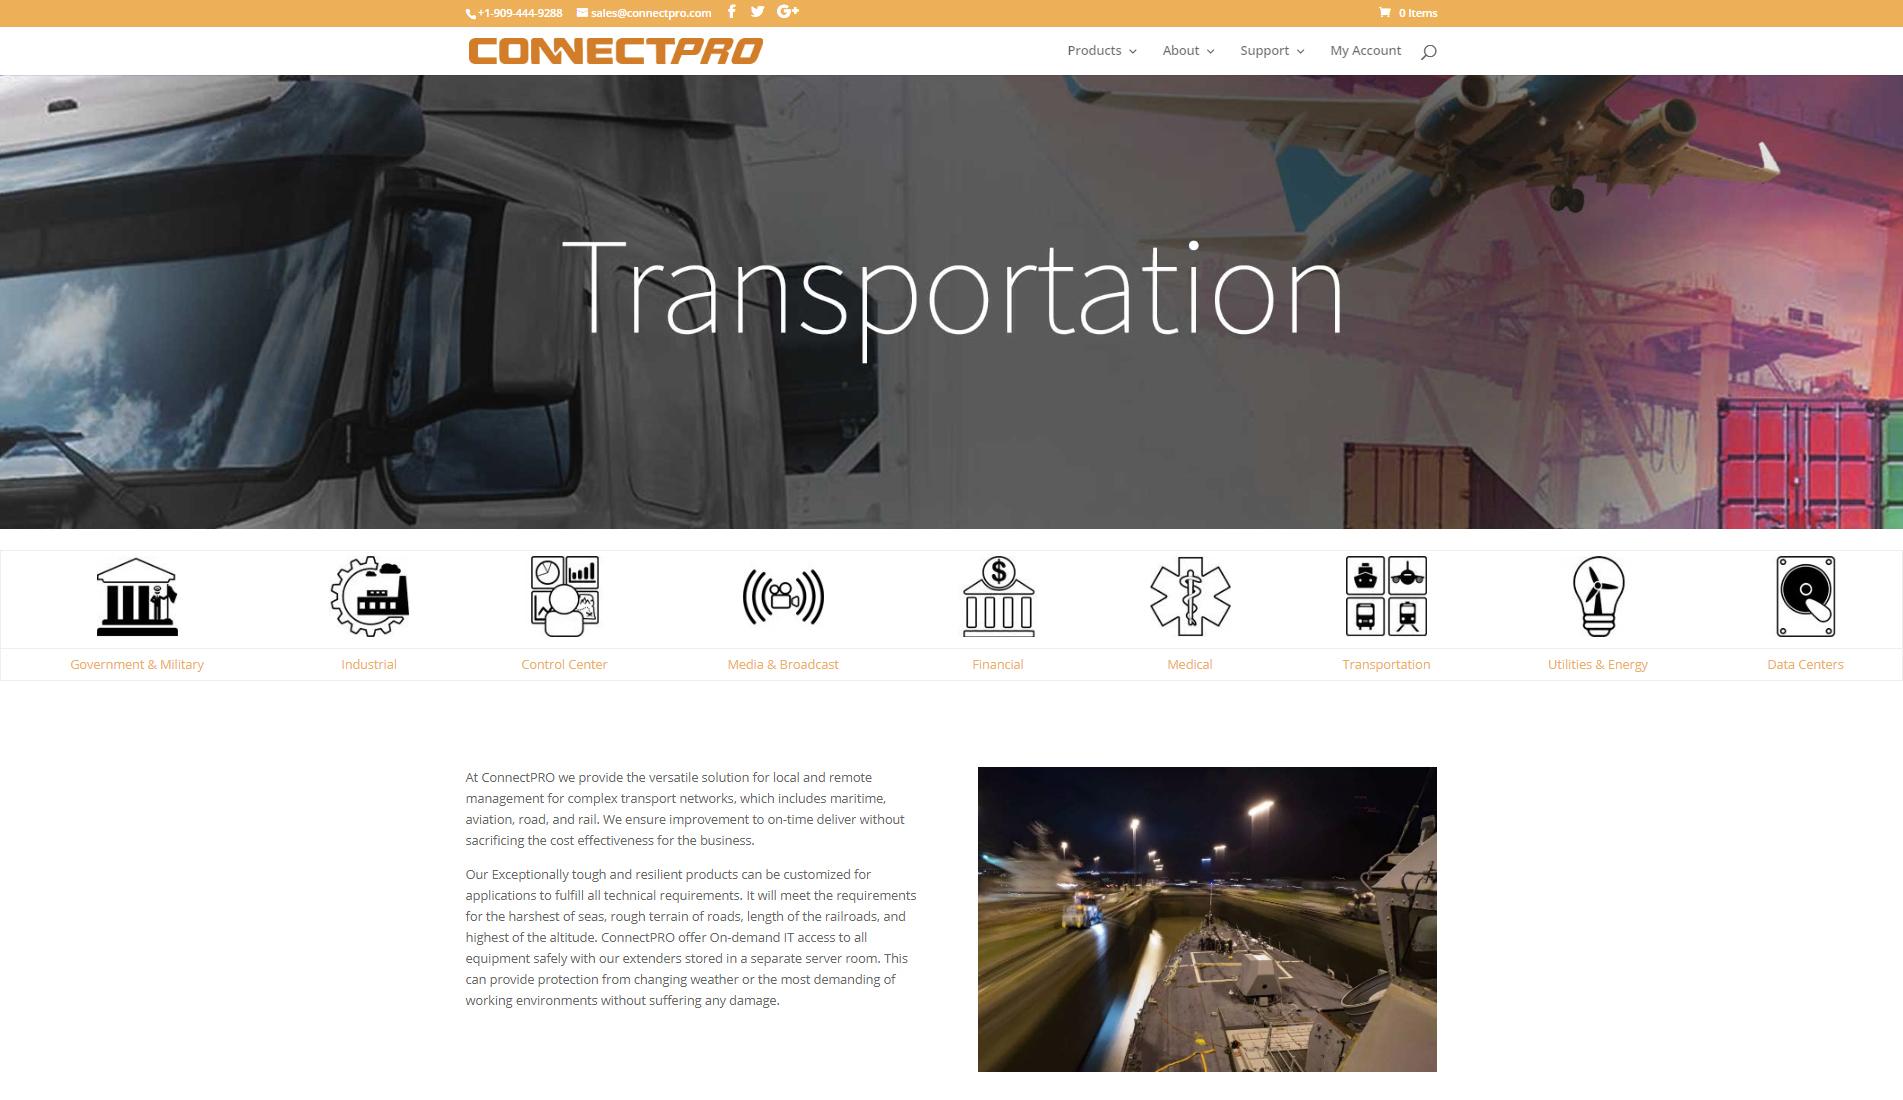 ConnectPRO_Industry_Nav_Bar_Transportation.jpg